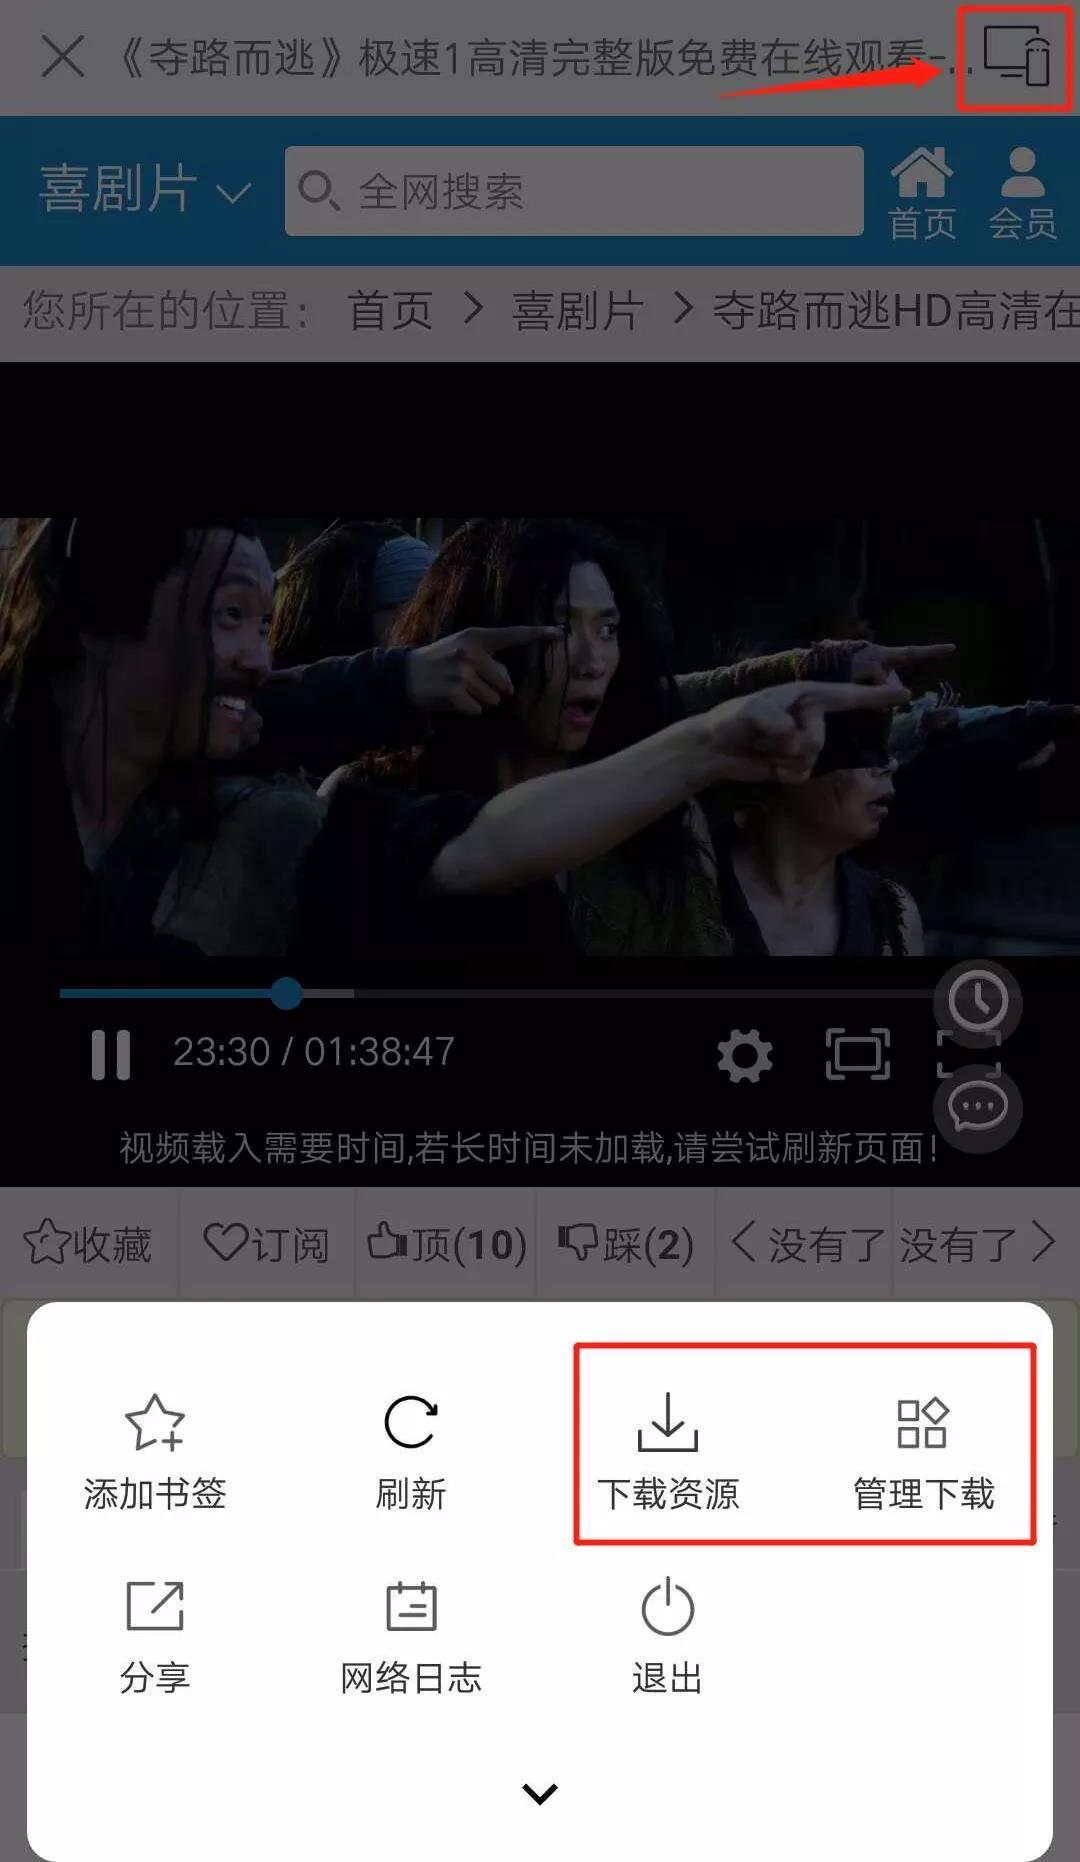 5fcb3412394ac5237843b300 具有投屏功能的影视资源站